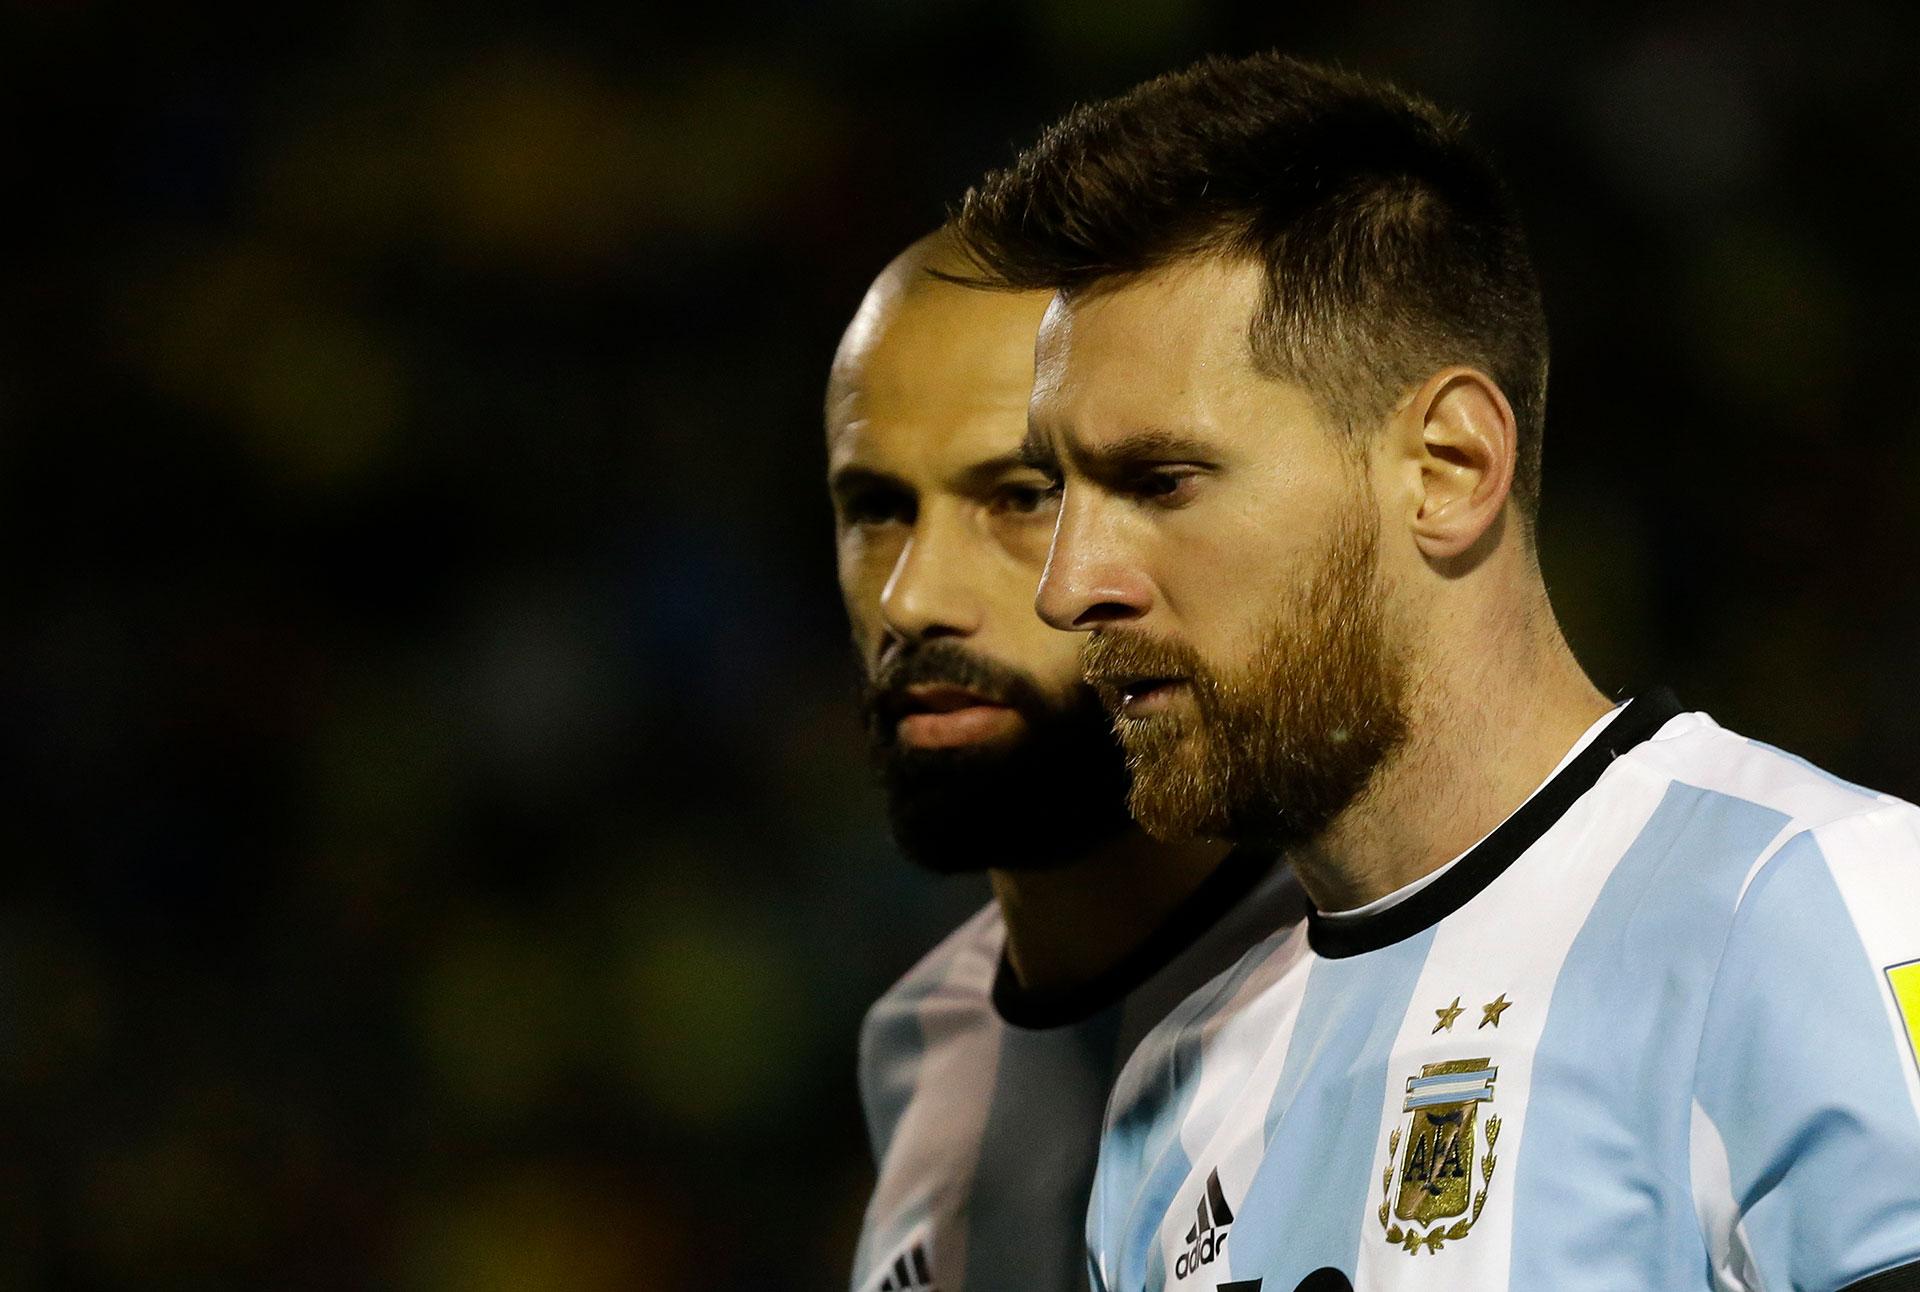 Mascherano comenzó con el pie izquierdo porque fue uno de los protagonistas en el error defensivo que le permitió a Romero Ibarra abrir el marcador